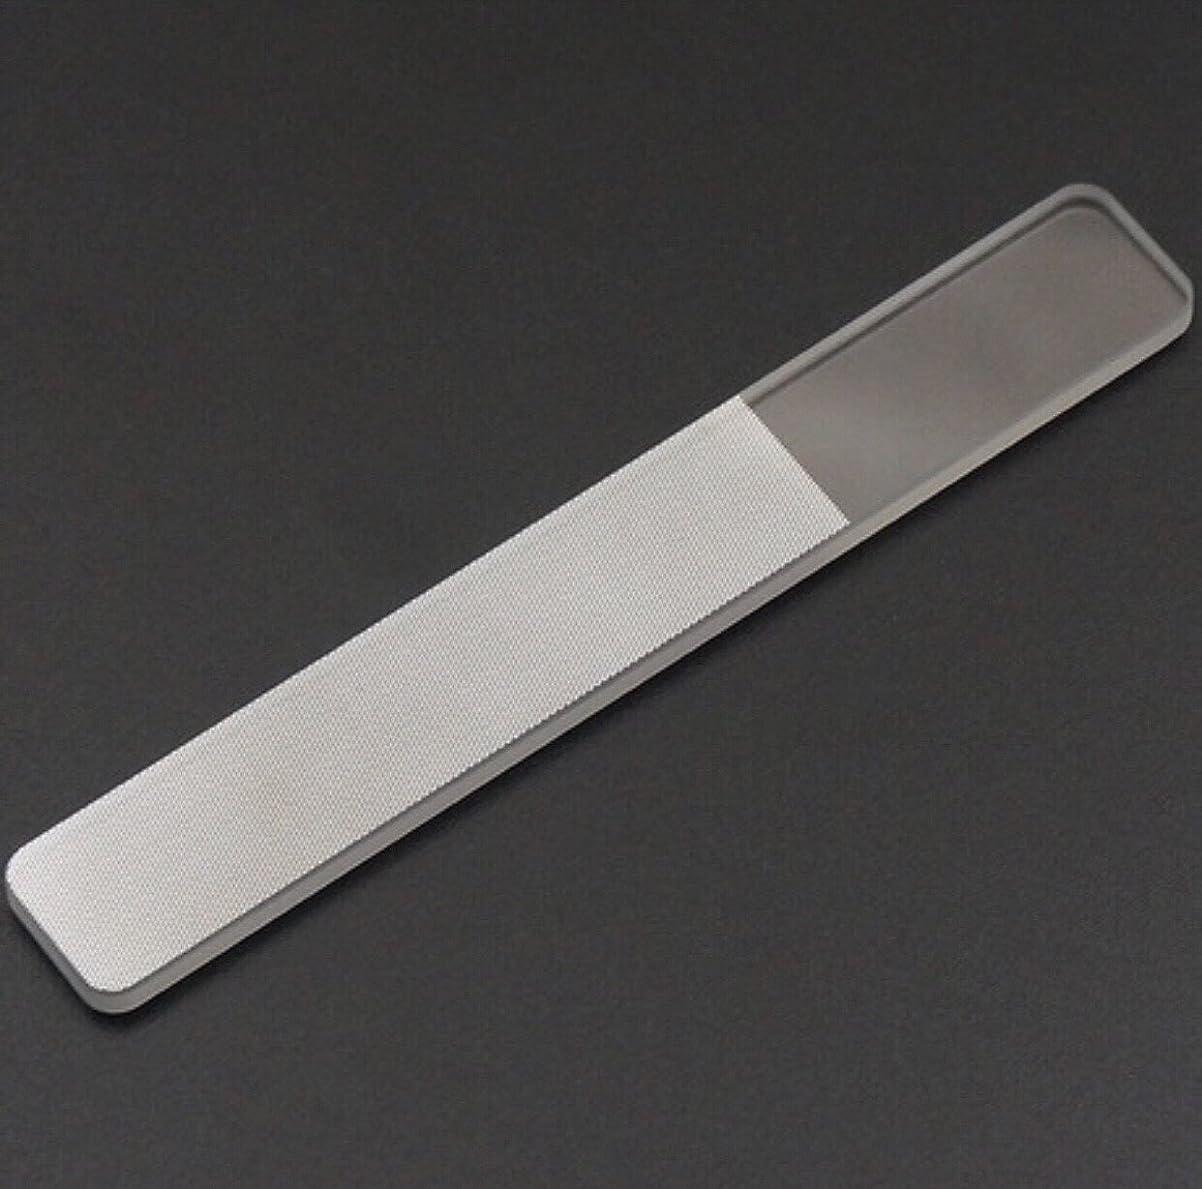 シチリア見分ける超える【ネイルウーマン】爪やすり ガラス製 (ケース付き) 爪磨き ネイルケア用品